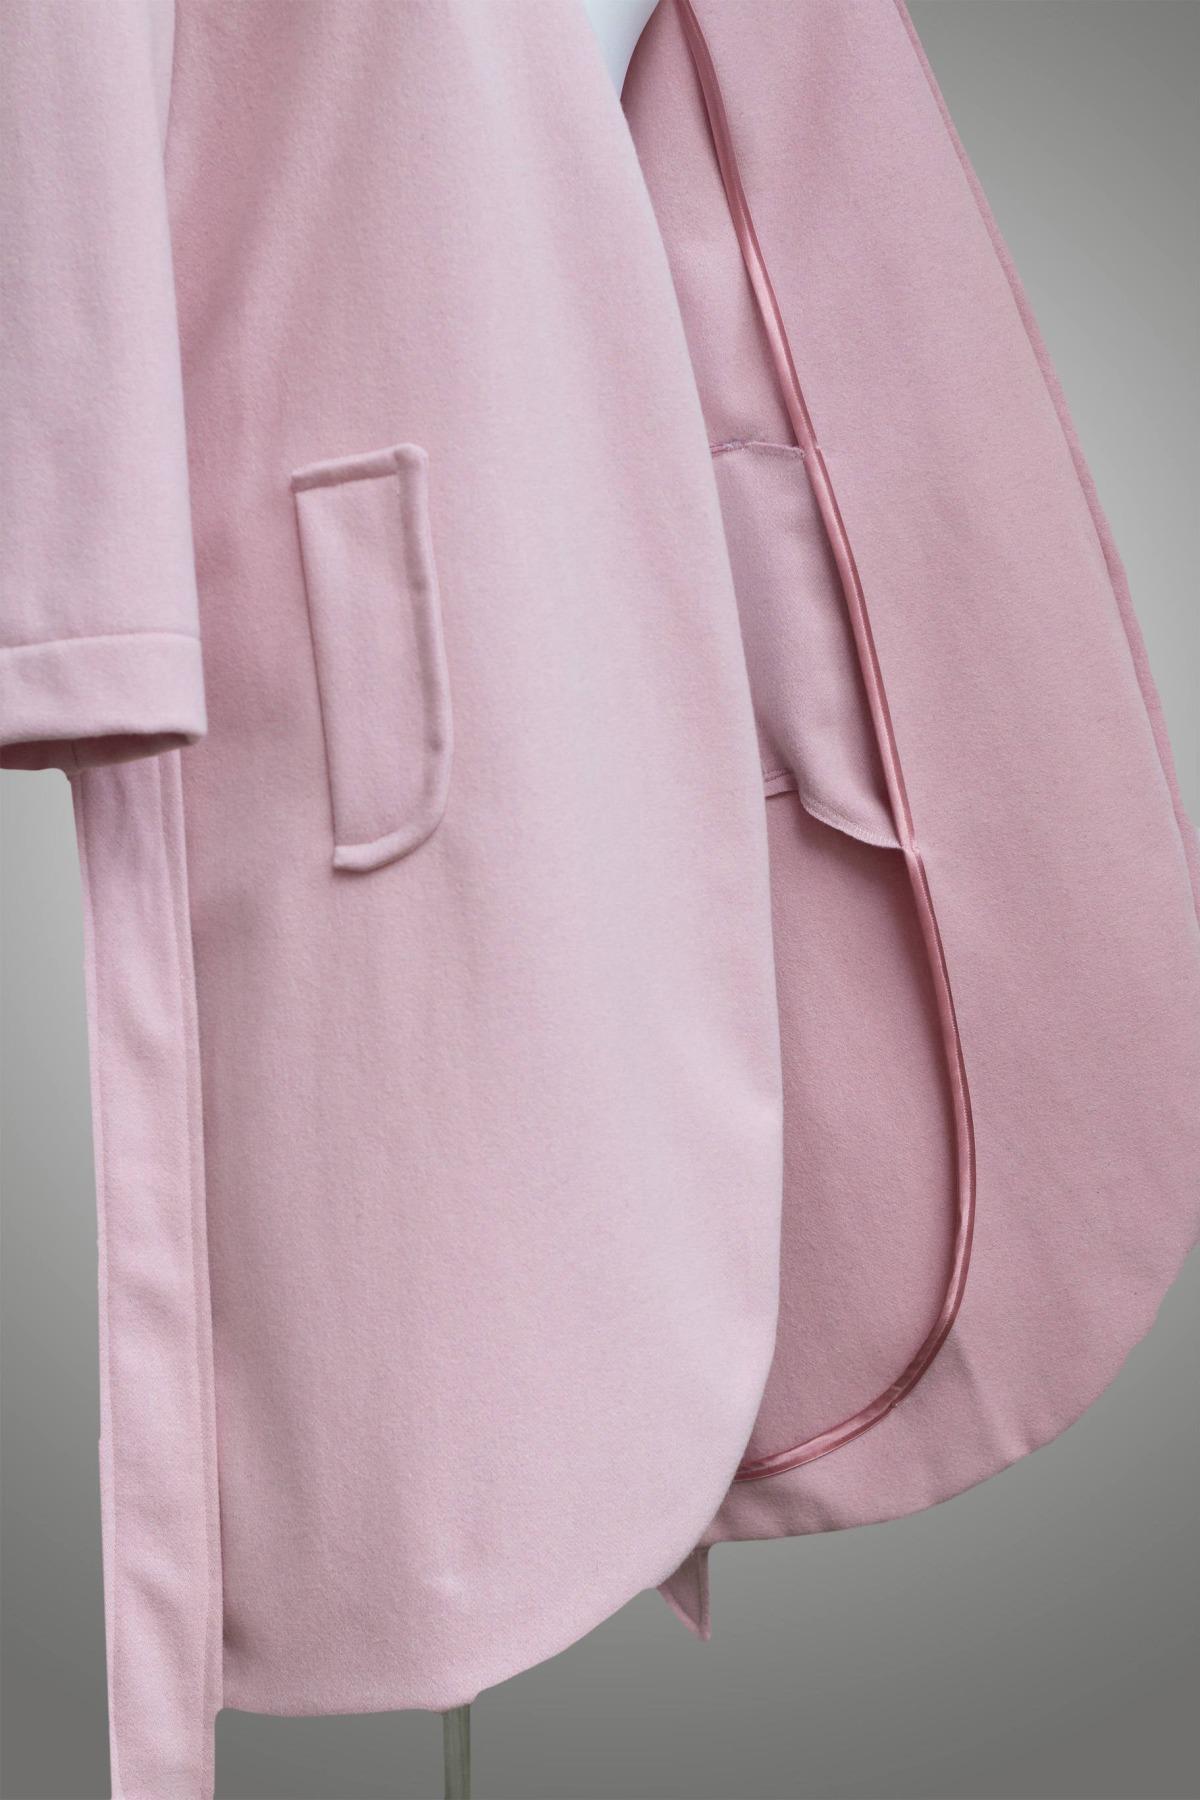 Mantel Braut Mantel Handgemachte Mantel mit